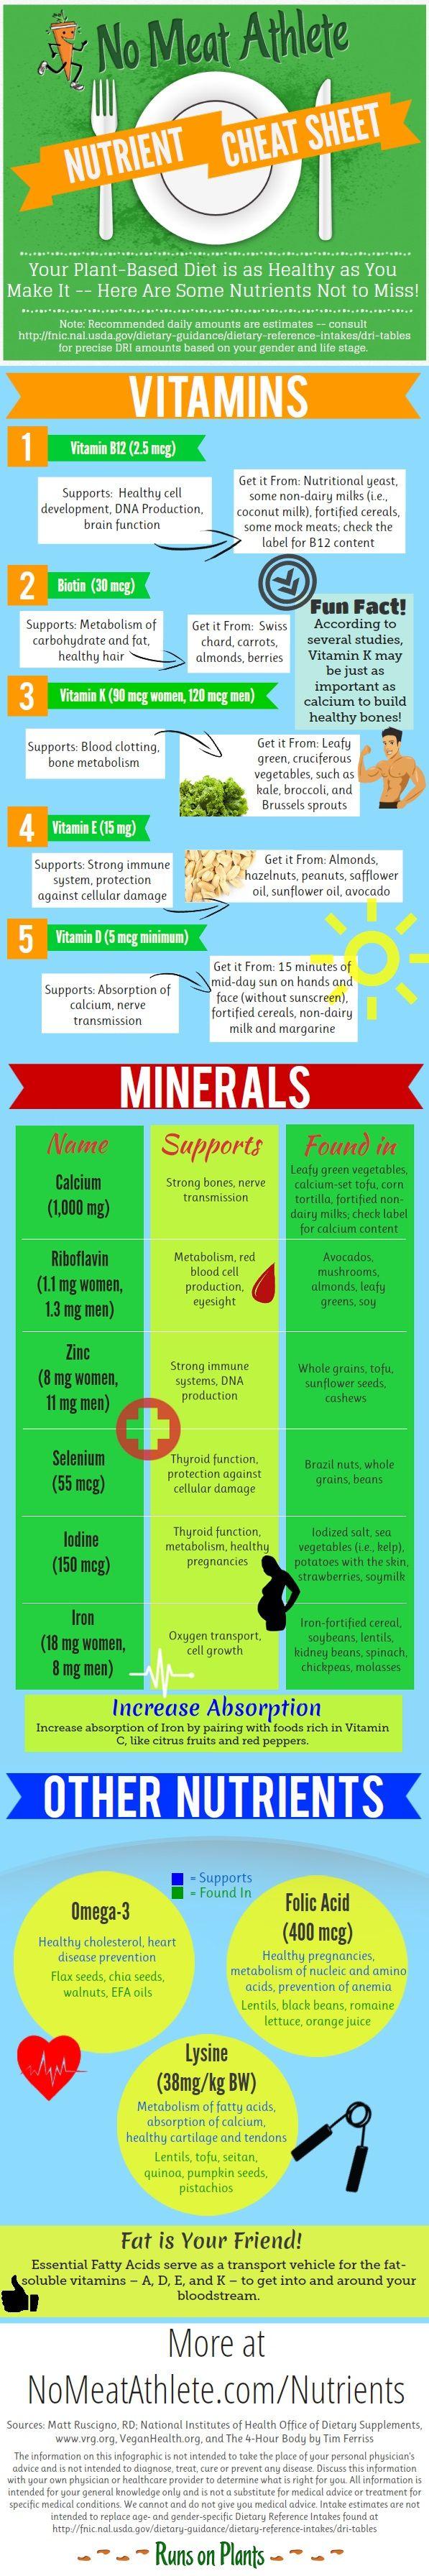 Dr. Sebi Minerals, Vitamins?